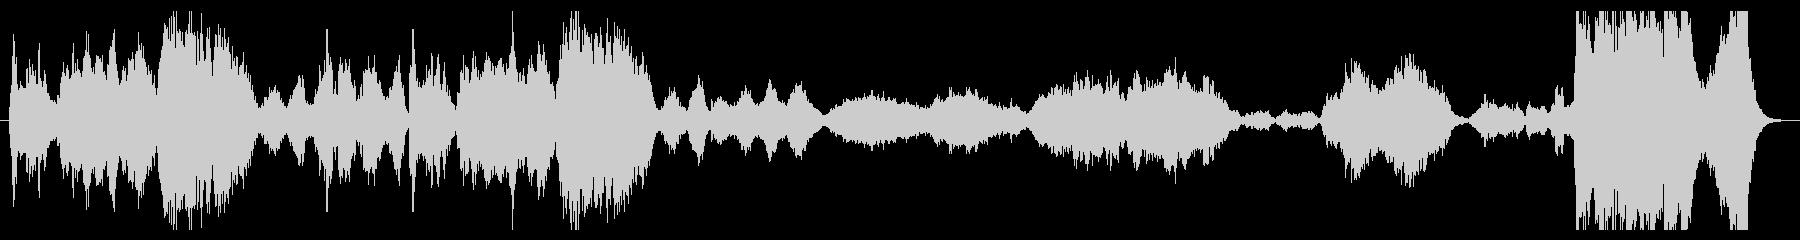 ファンタジーの序章の未再生の波形